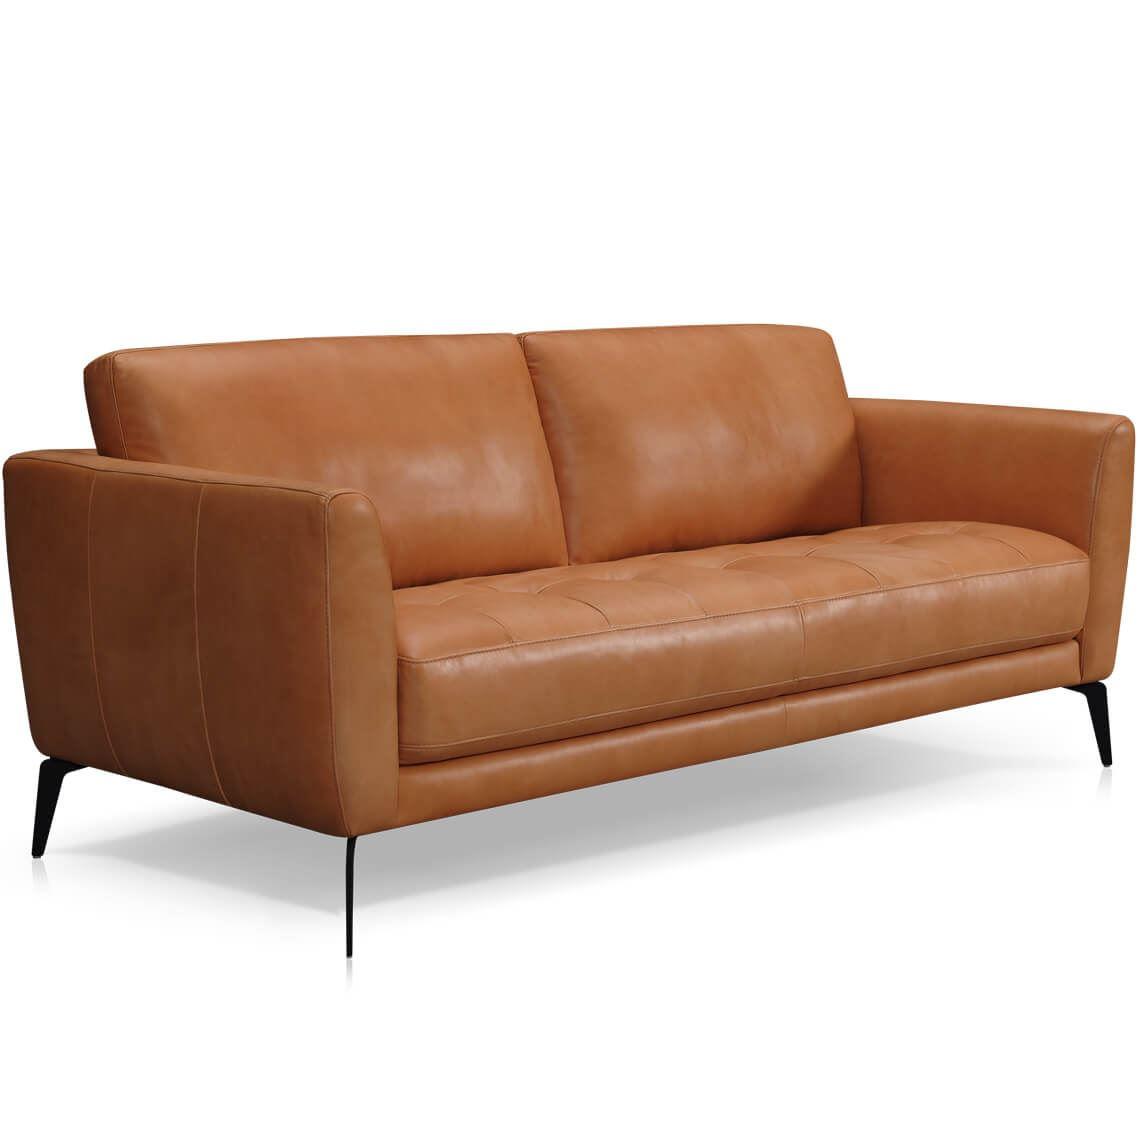 Attica 3 Seat Leather Sofa Caramel Leather Sofa Sofa Leather Seat